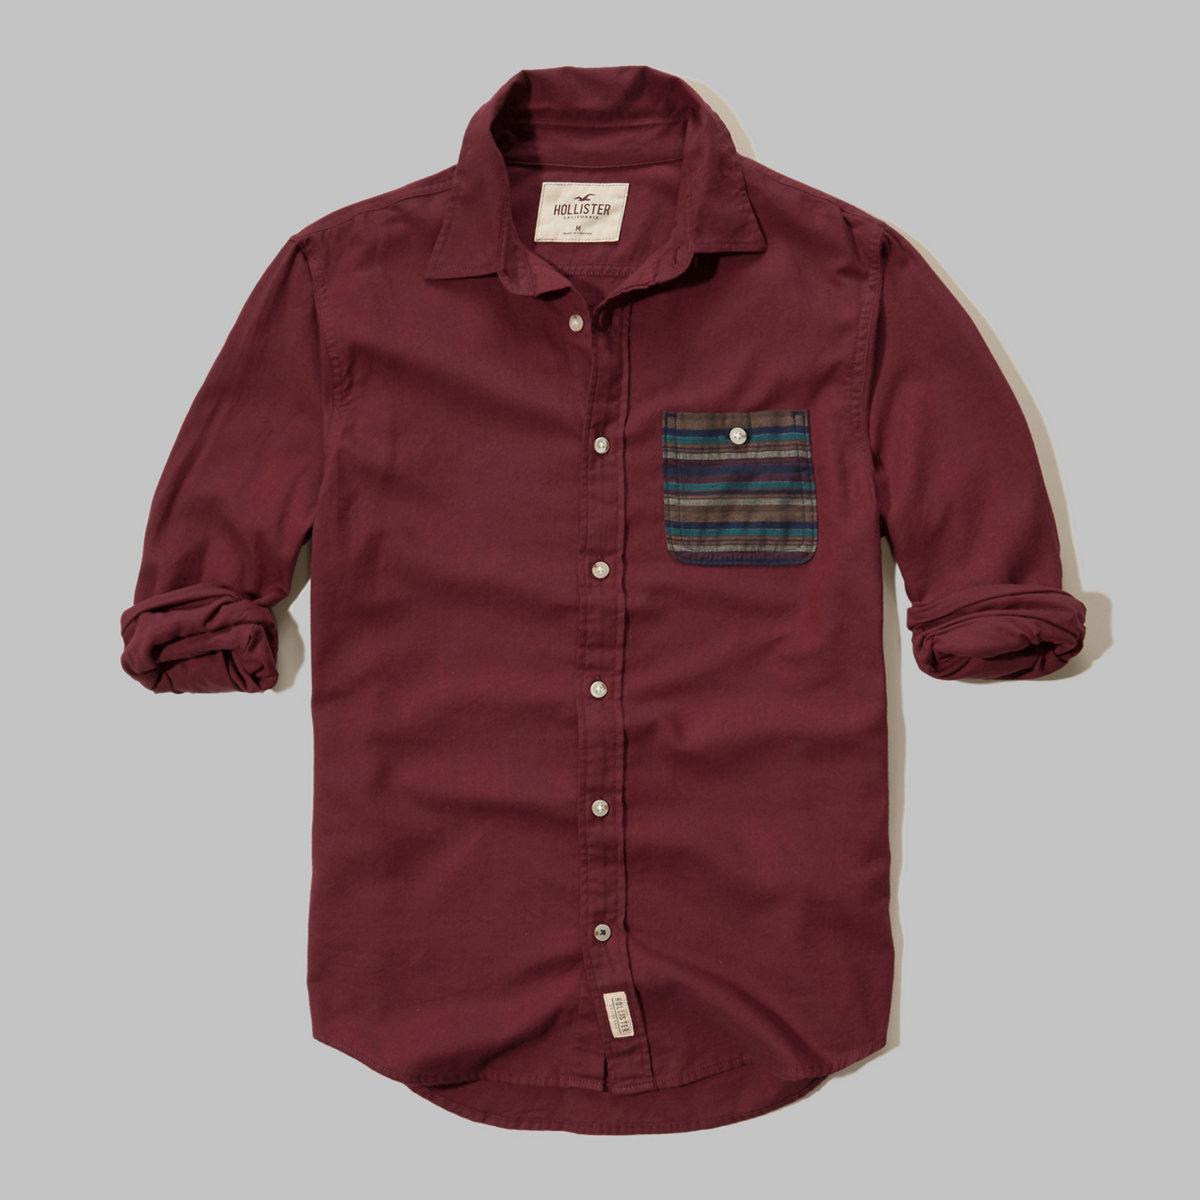 Patterned Pocket Brushed Cotton Shirt